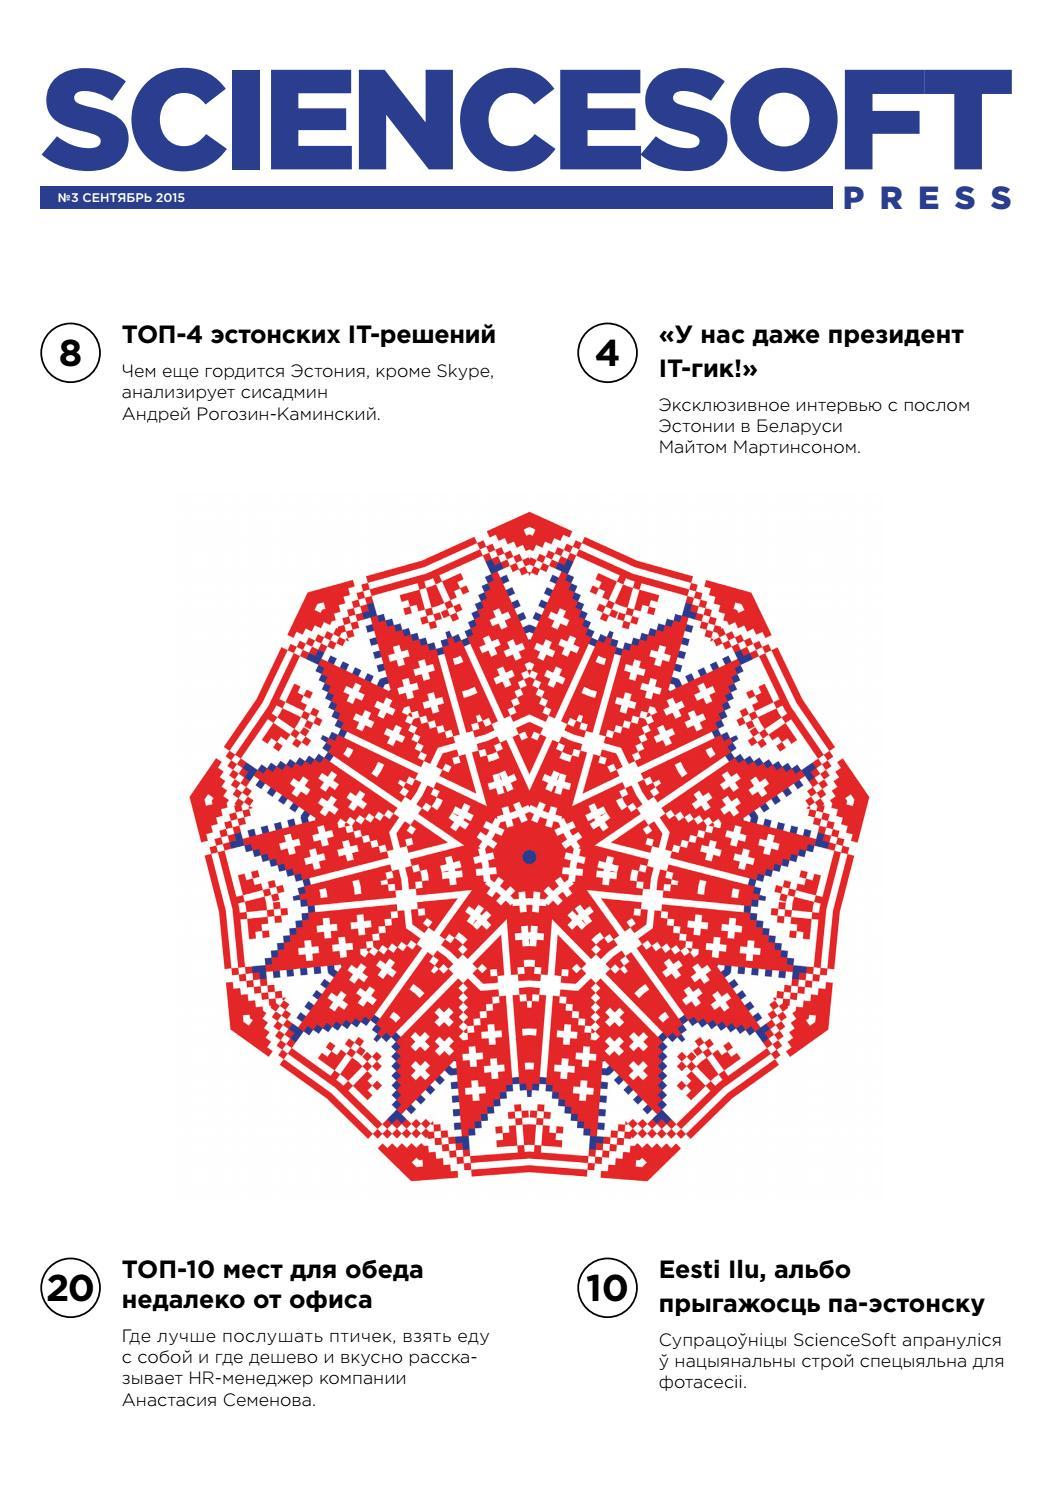 сумленныя рускія онлайн казіно